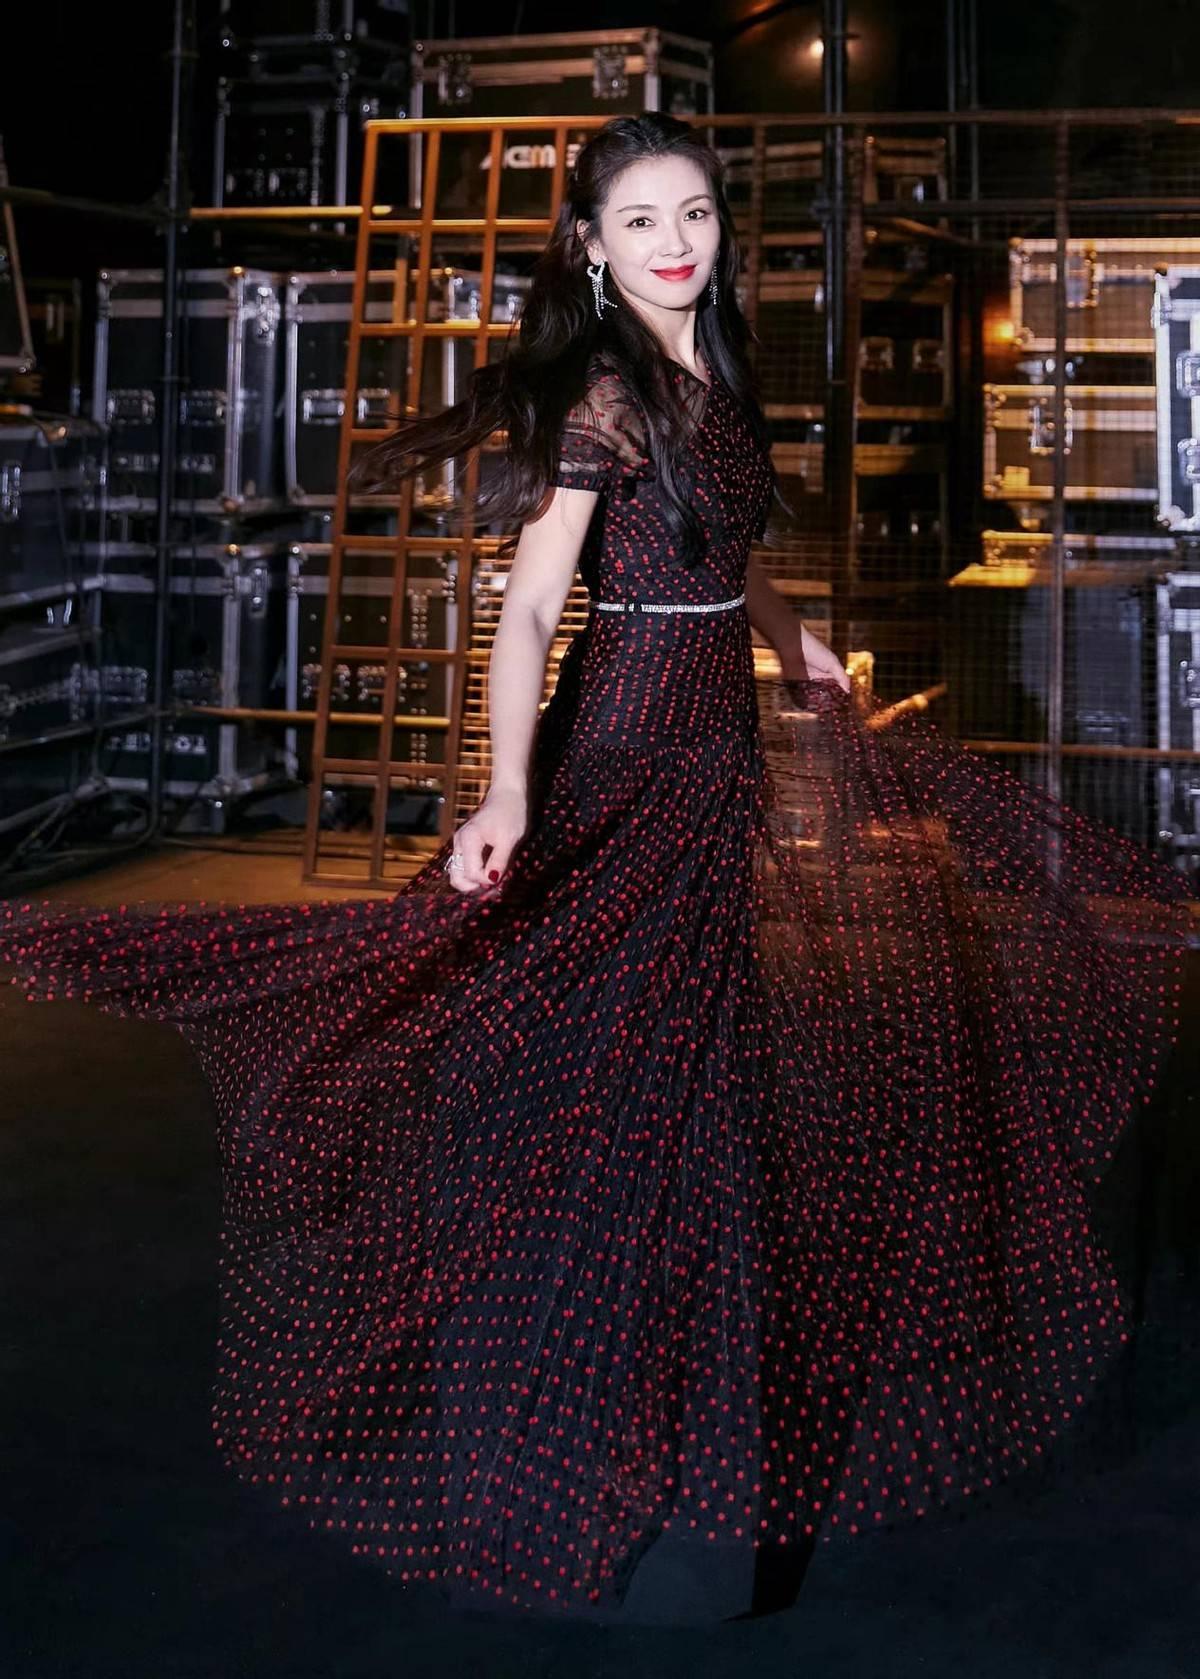 44岁刘涛晒出近照,身穿飘逸长裙十分优雅,其气质宛若20岁少女